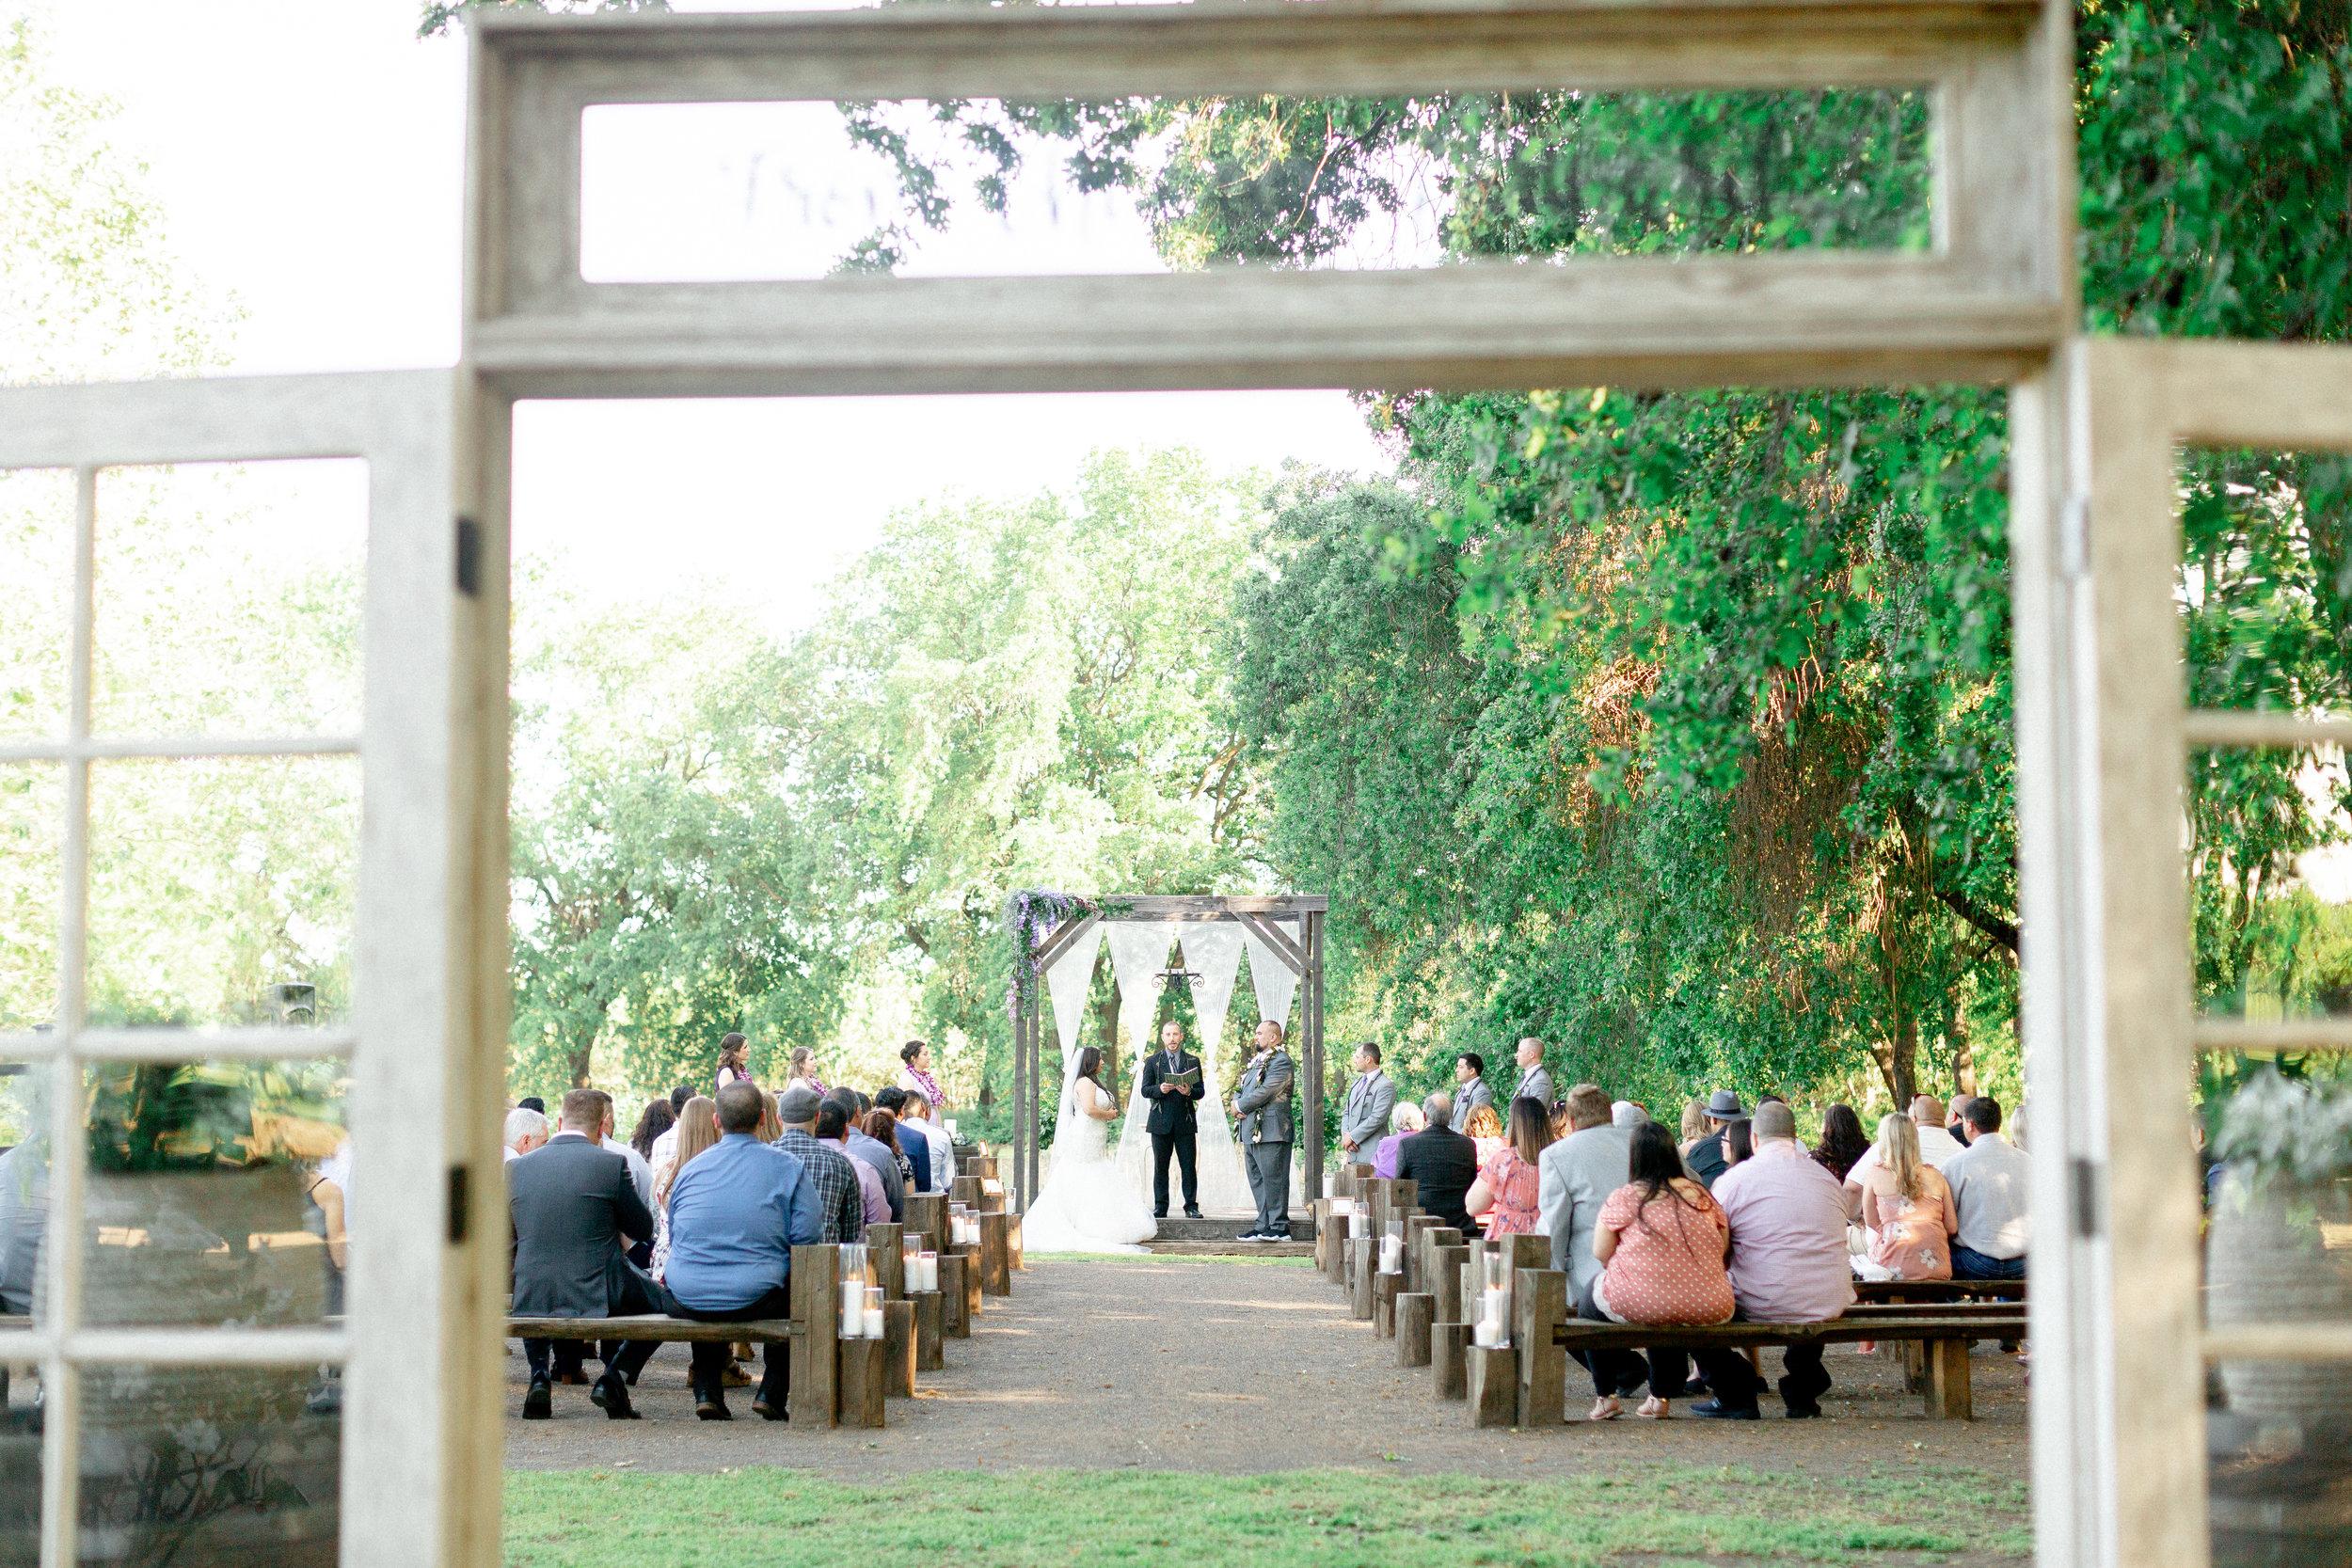 bella-rosa-farms-wedding-venue-chico-ca.jpg